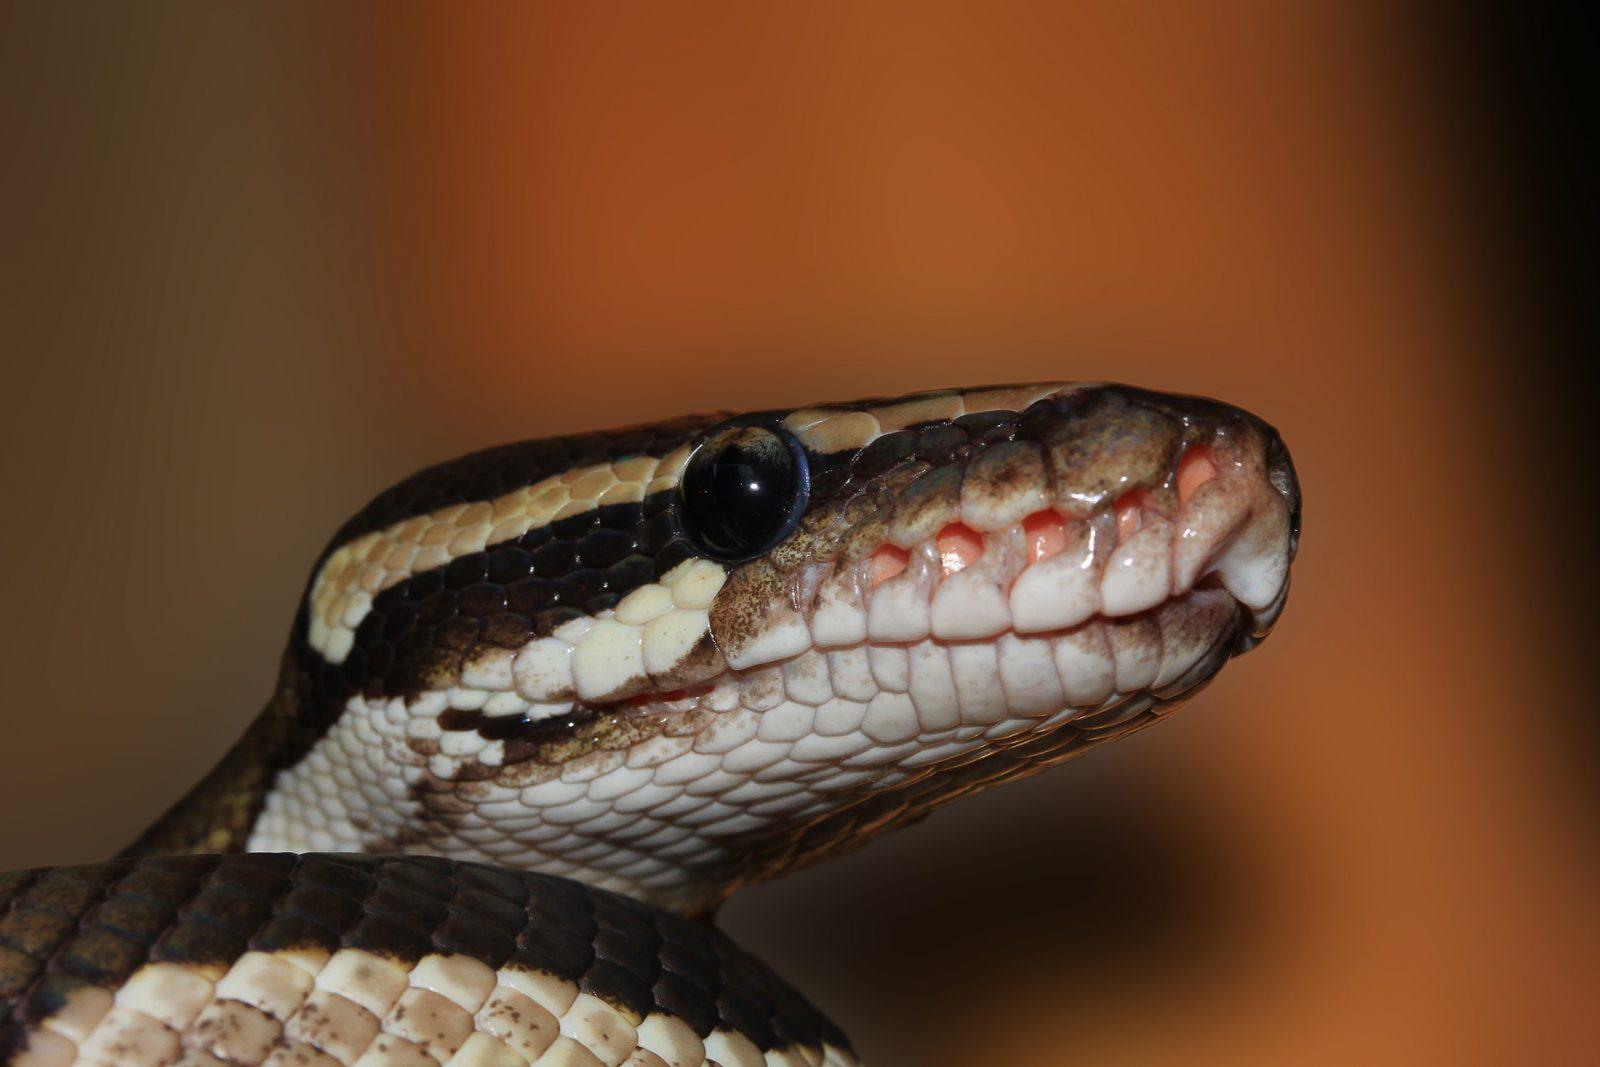 Antes de adquirir uma cobra de estimação é precio saber quais são as espécies corretas.